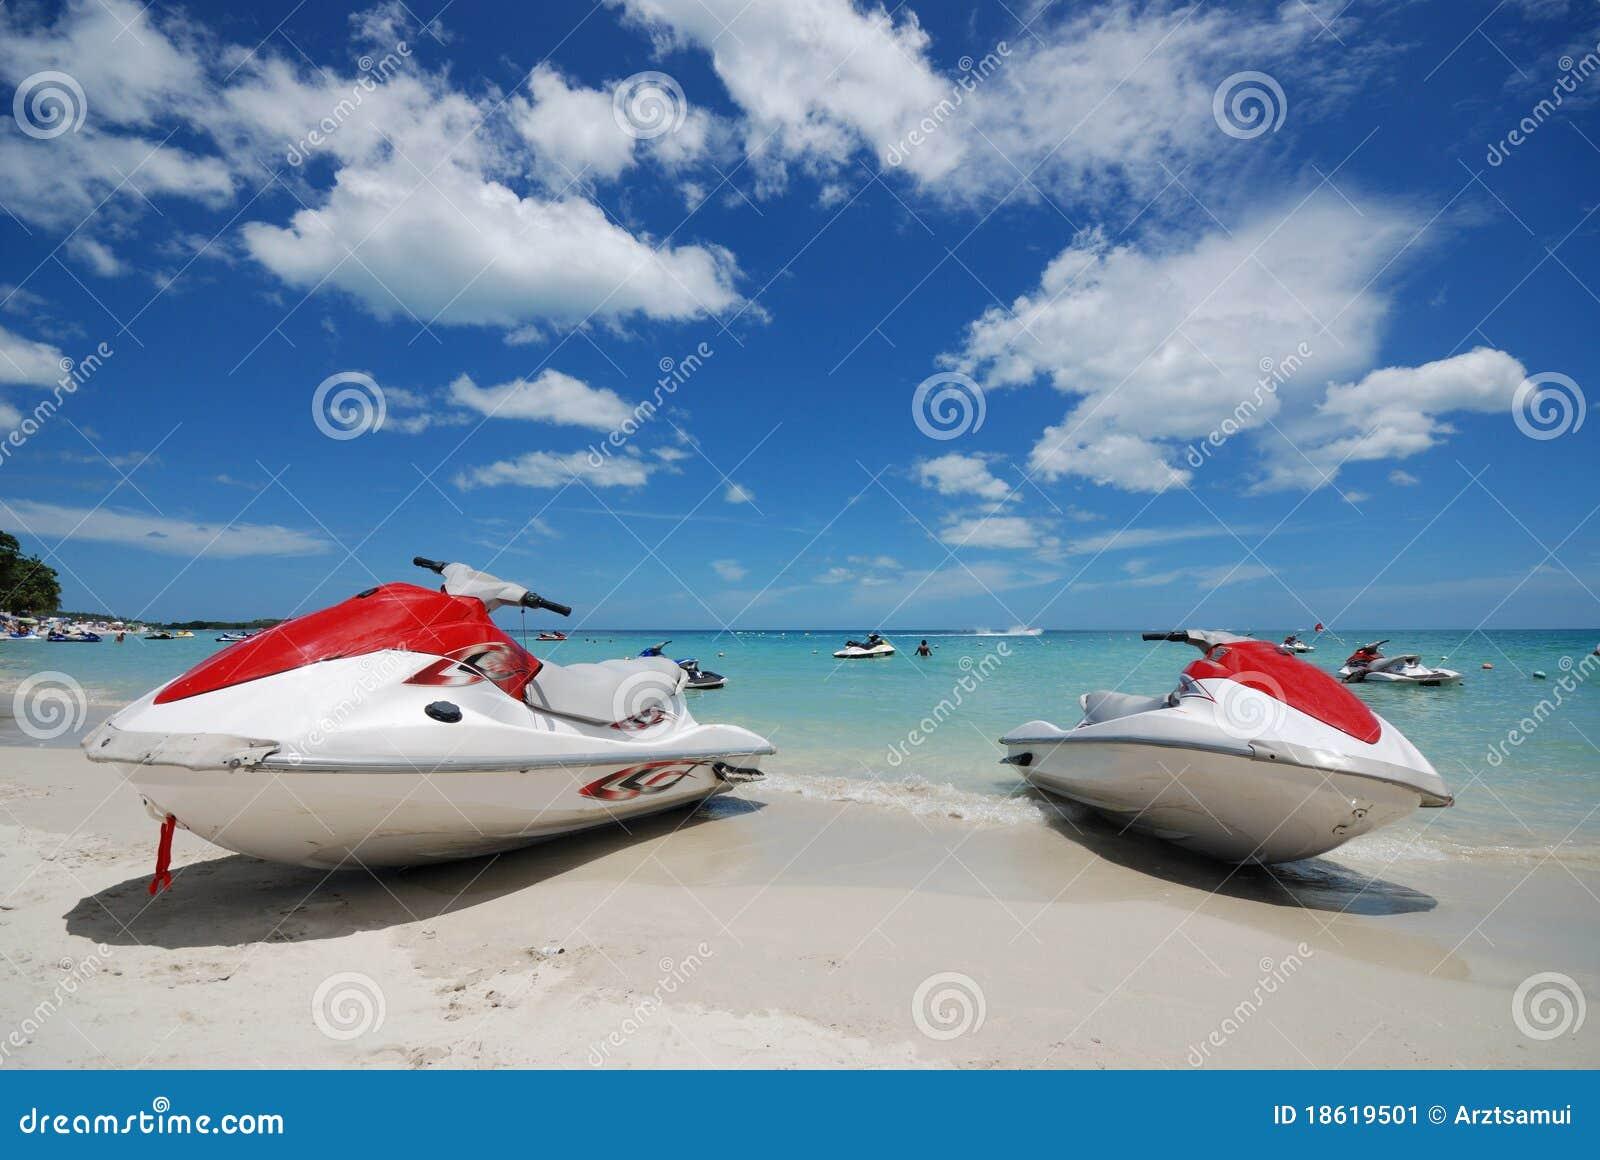 Nice Beach View Stock Image